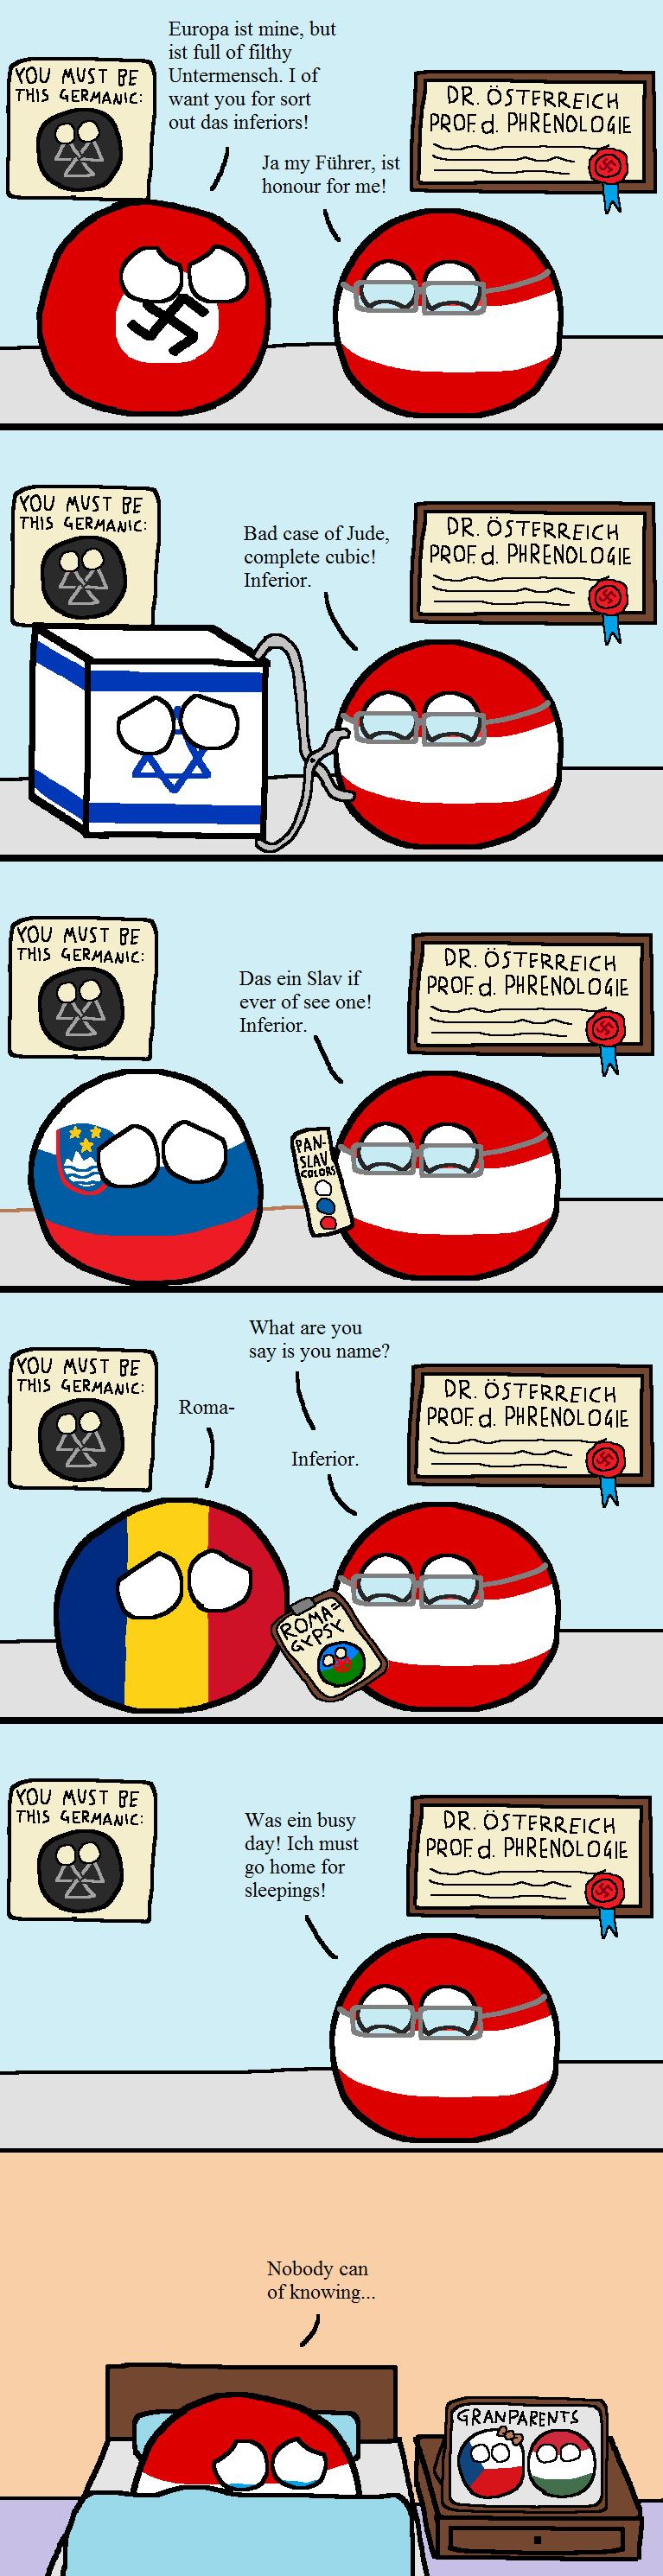 Dr Österreich